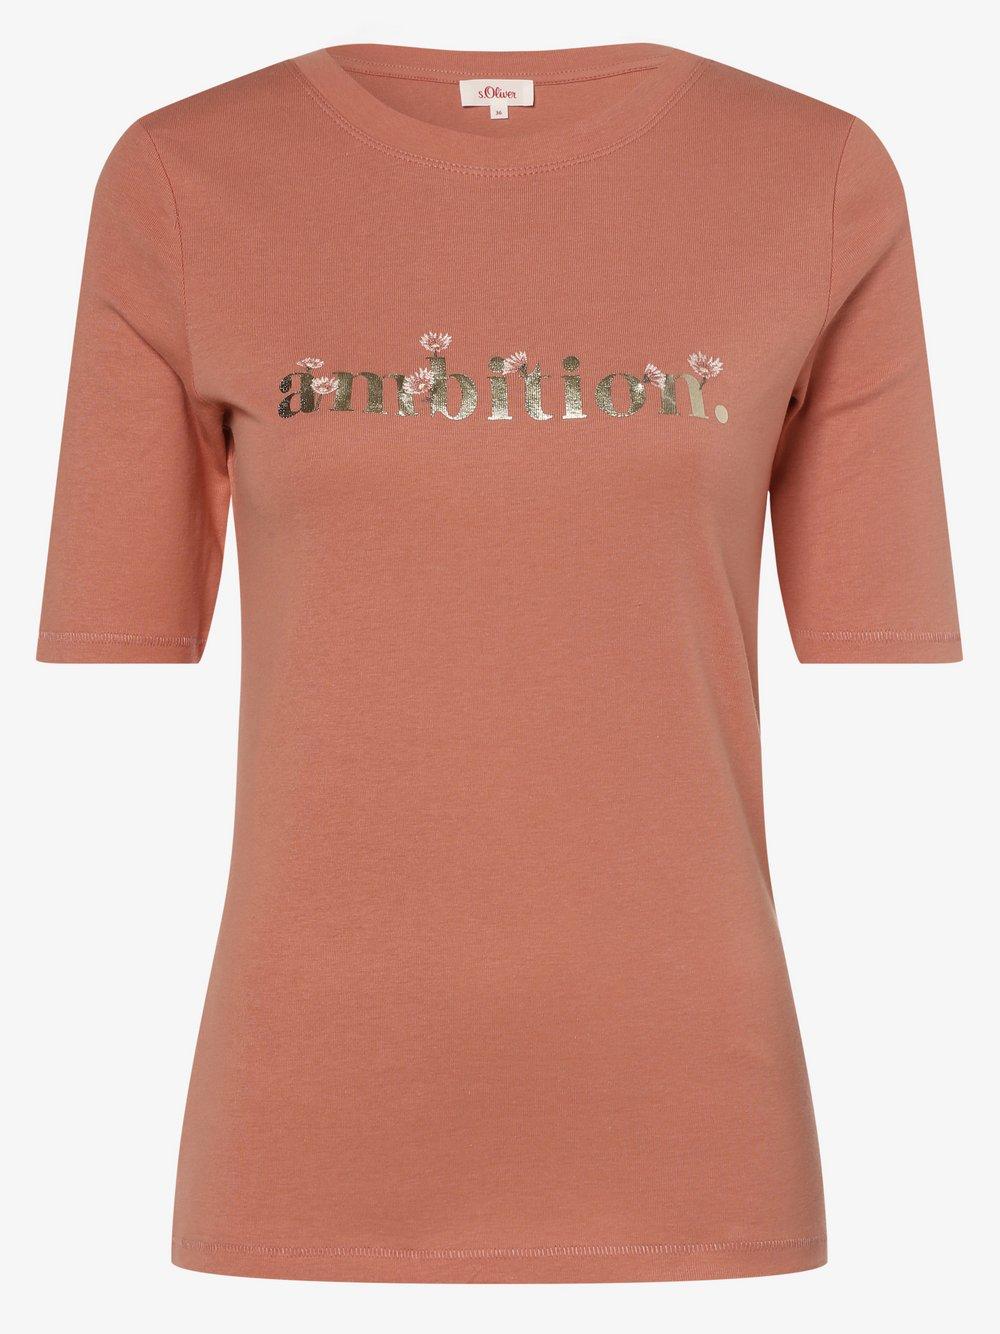 s.Oliver - T-shirt damski, pomarańczowy